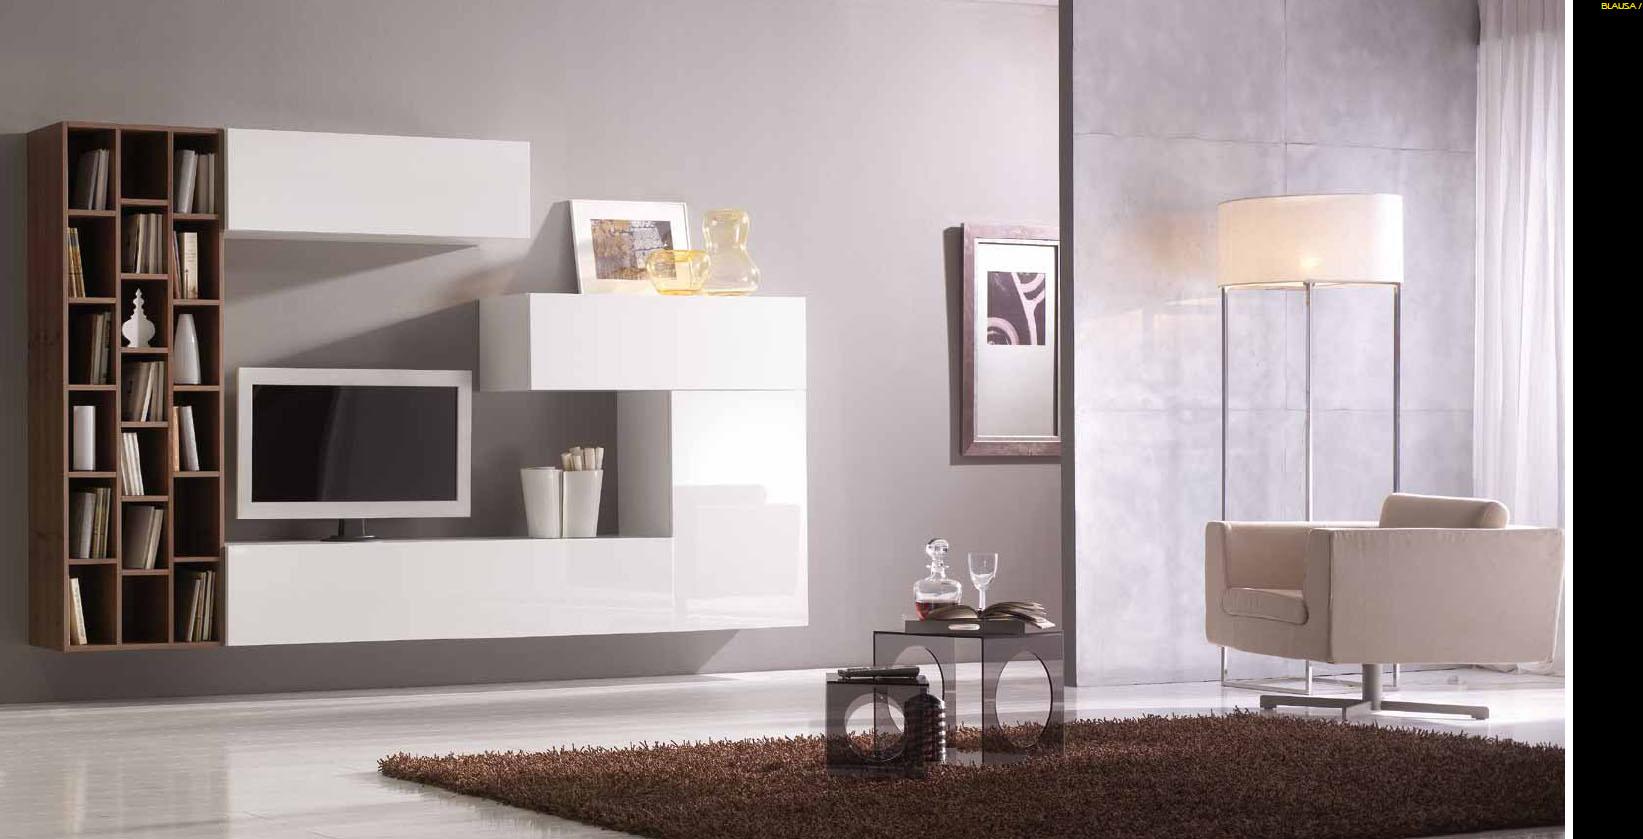 Salones con muebles lacados en blanco y madera villalba - Villalba interiorismo ...